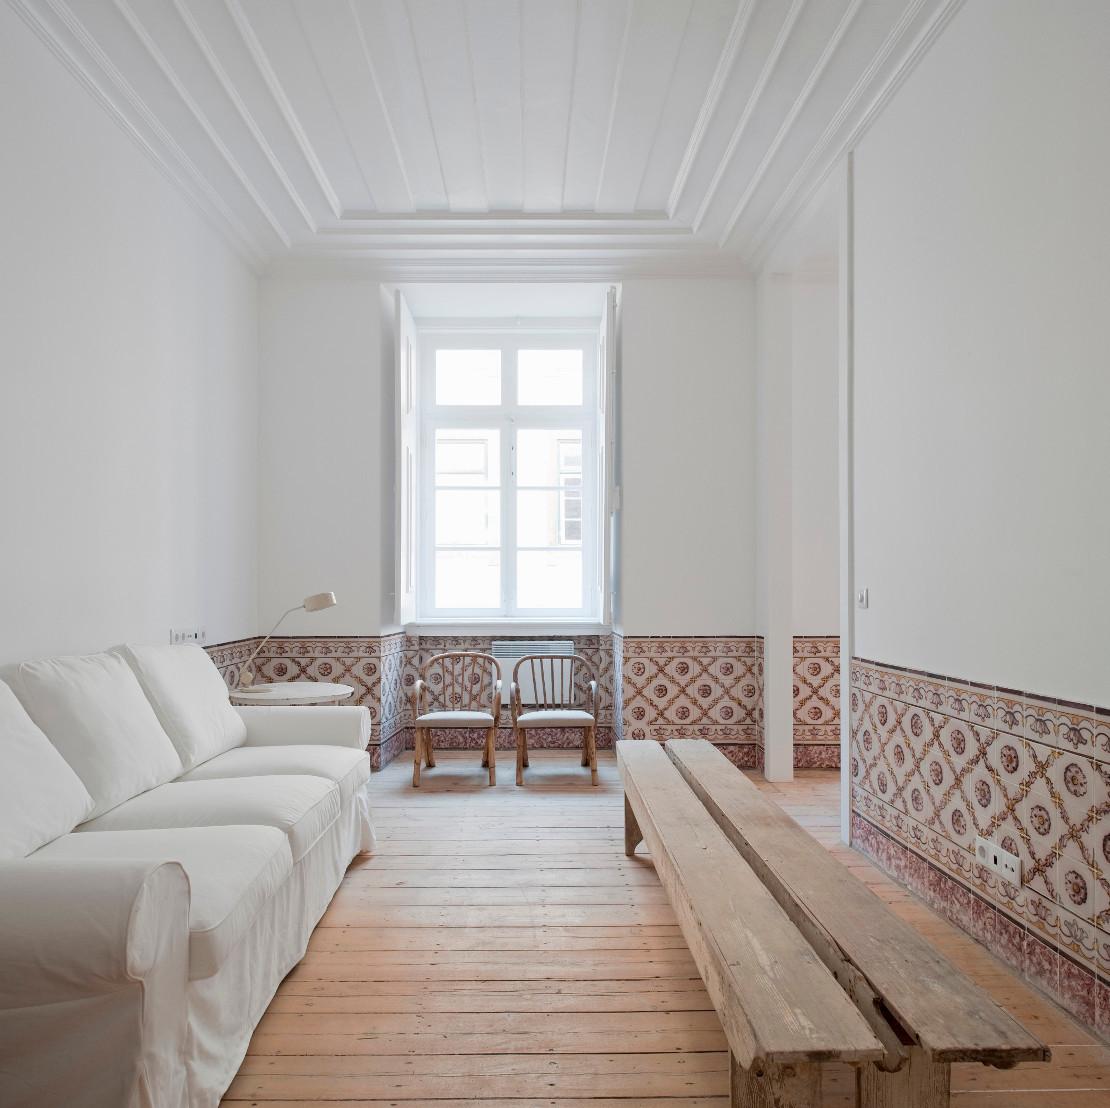 keramik-boden-und-wand-im-wohnzimmer